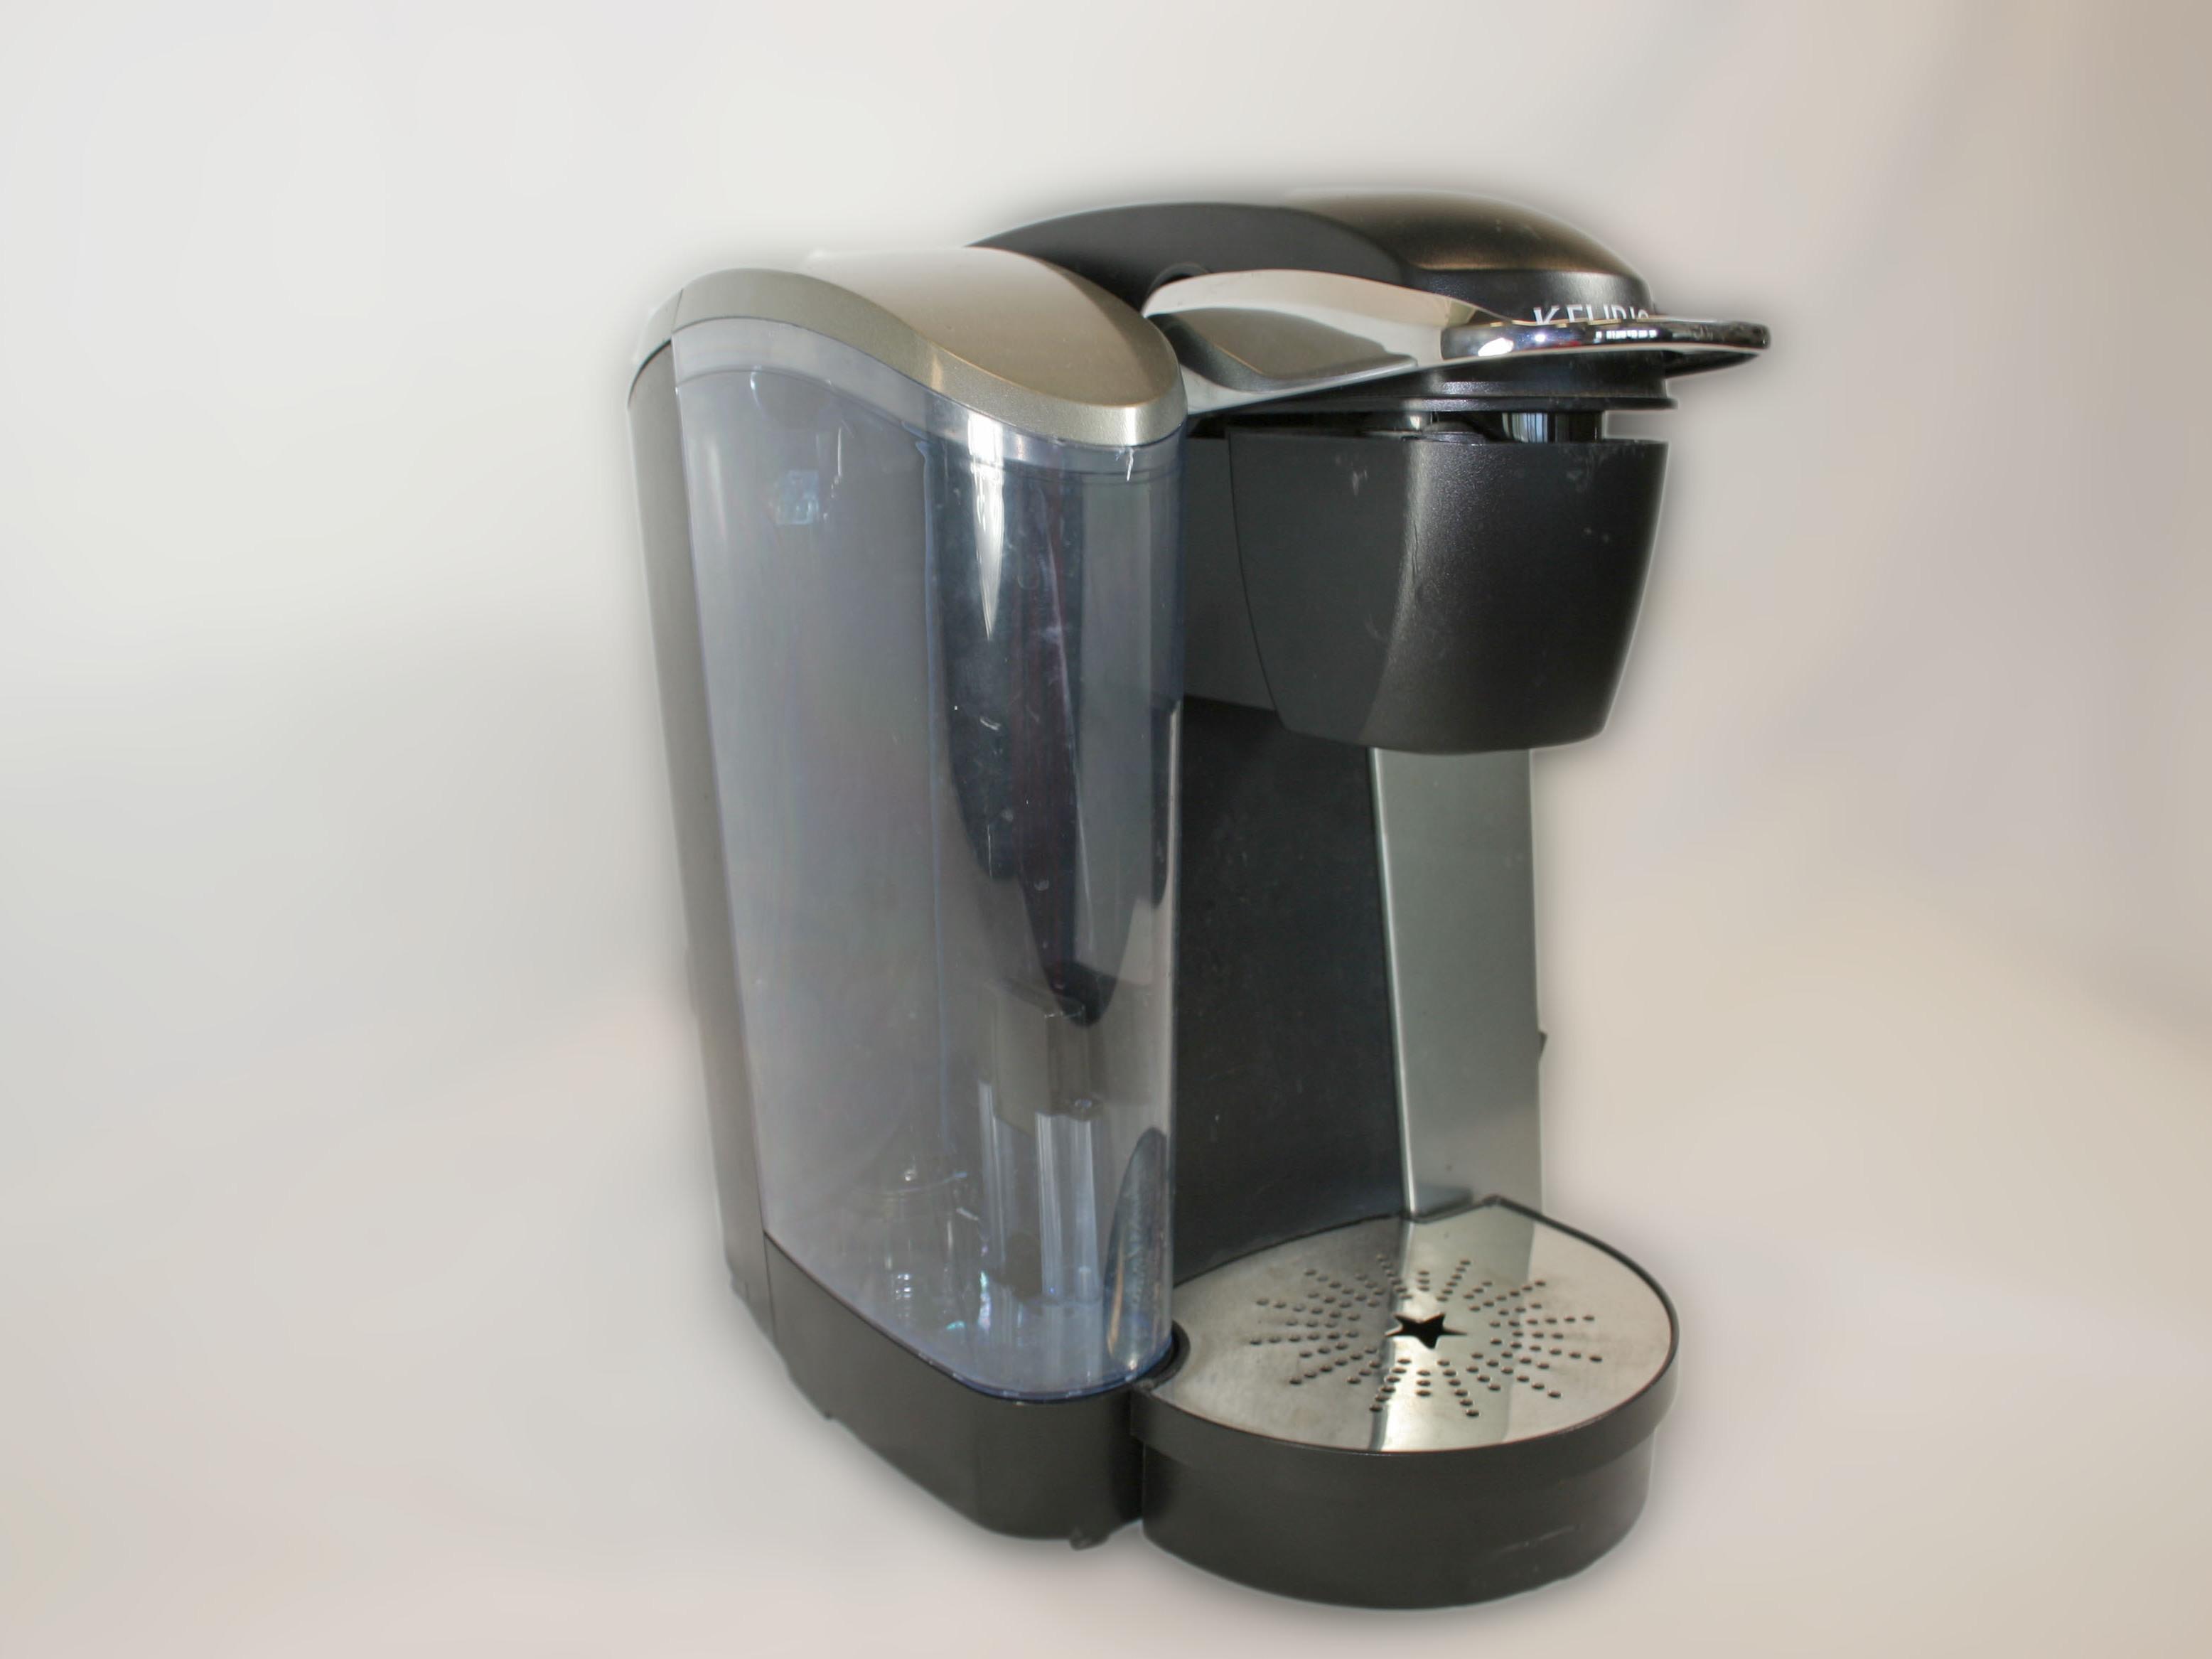 adjusting keurig k75 platinum brewing system reservoir magnet